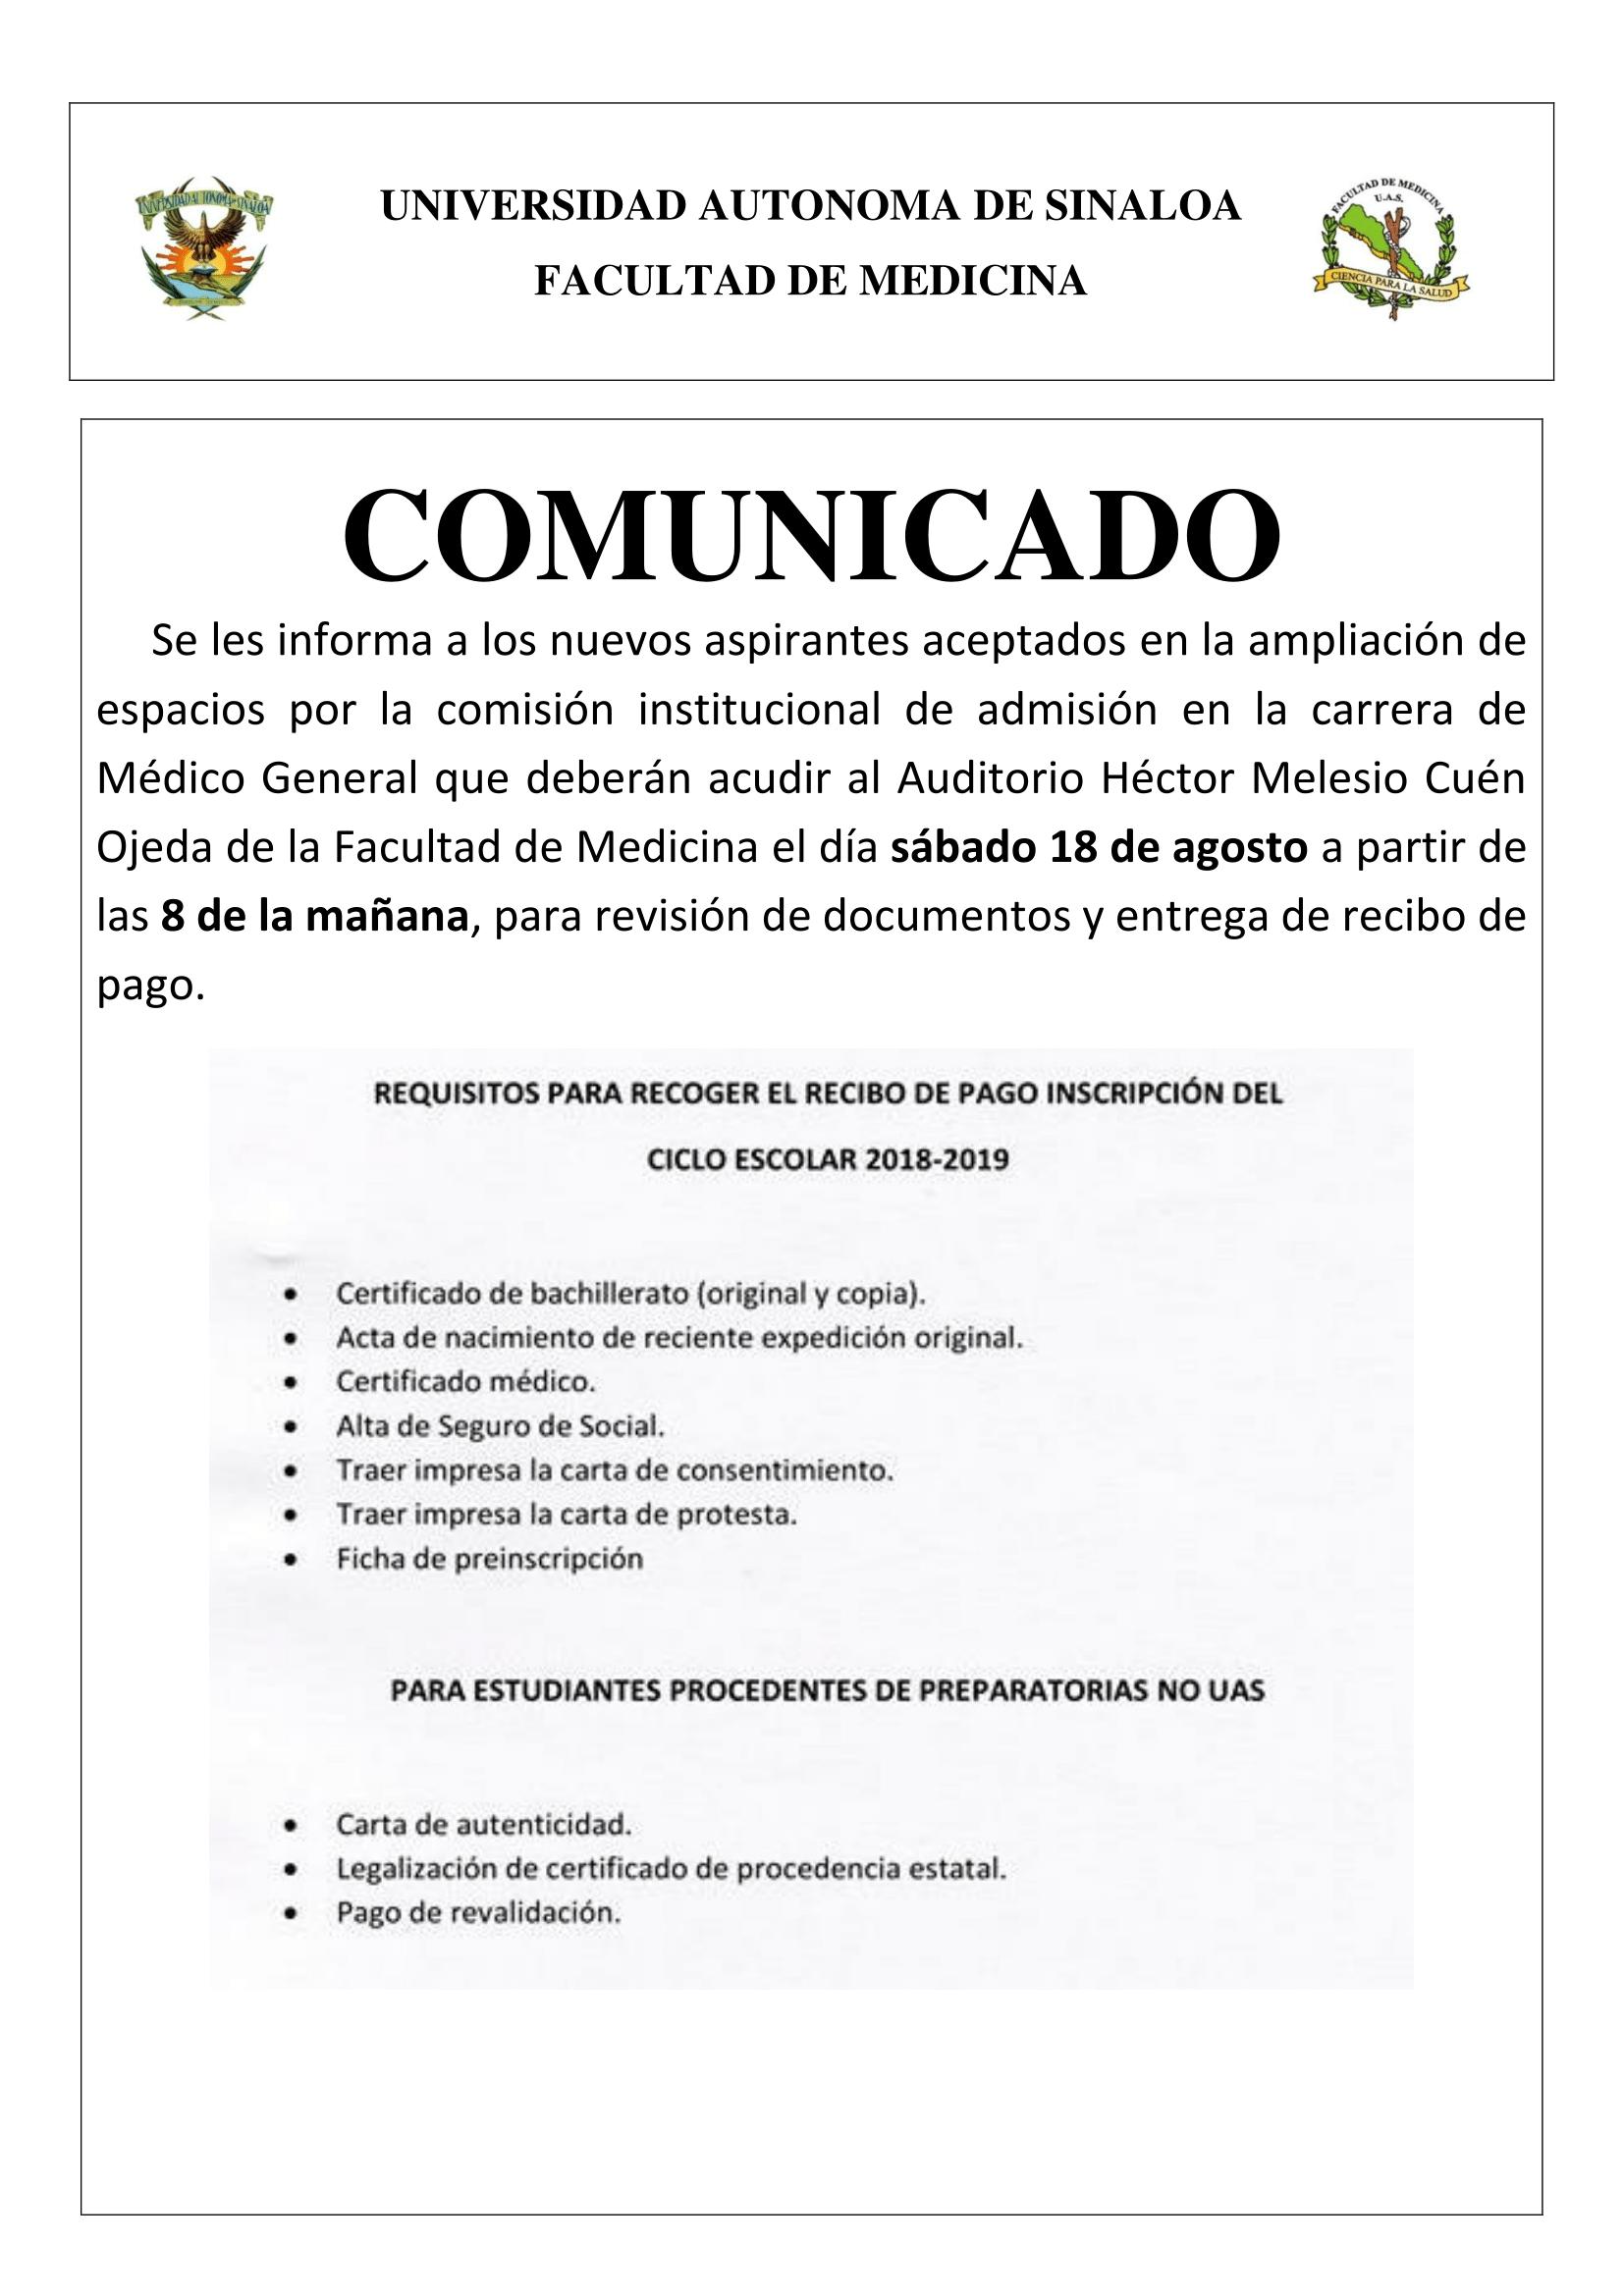 COMUNICADO_18082018-1